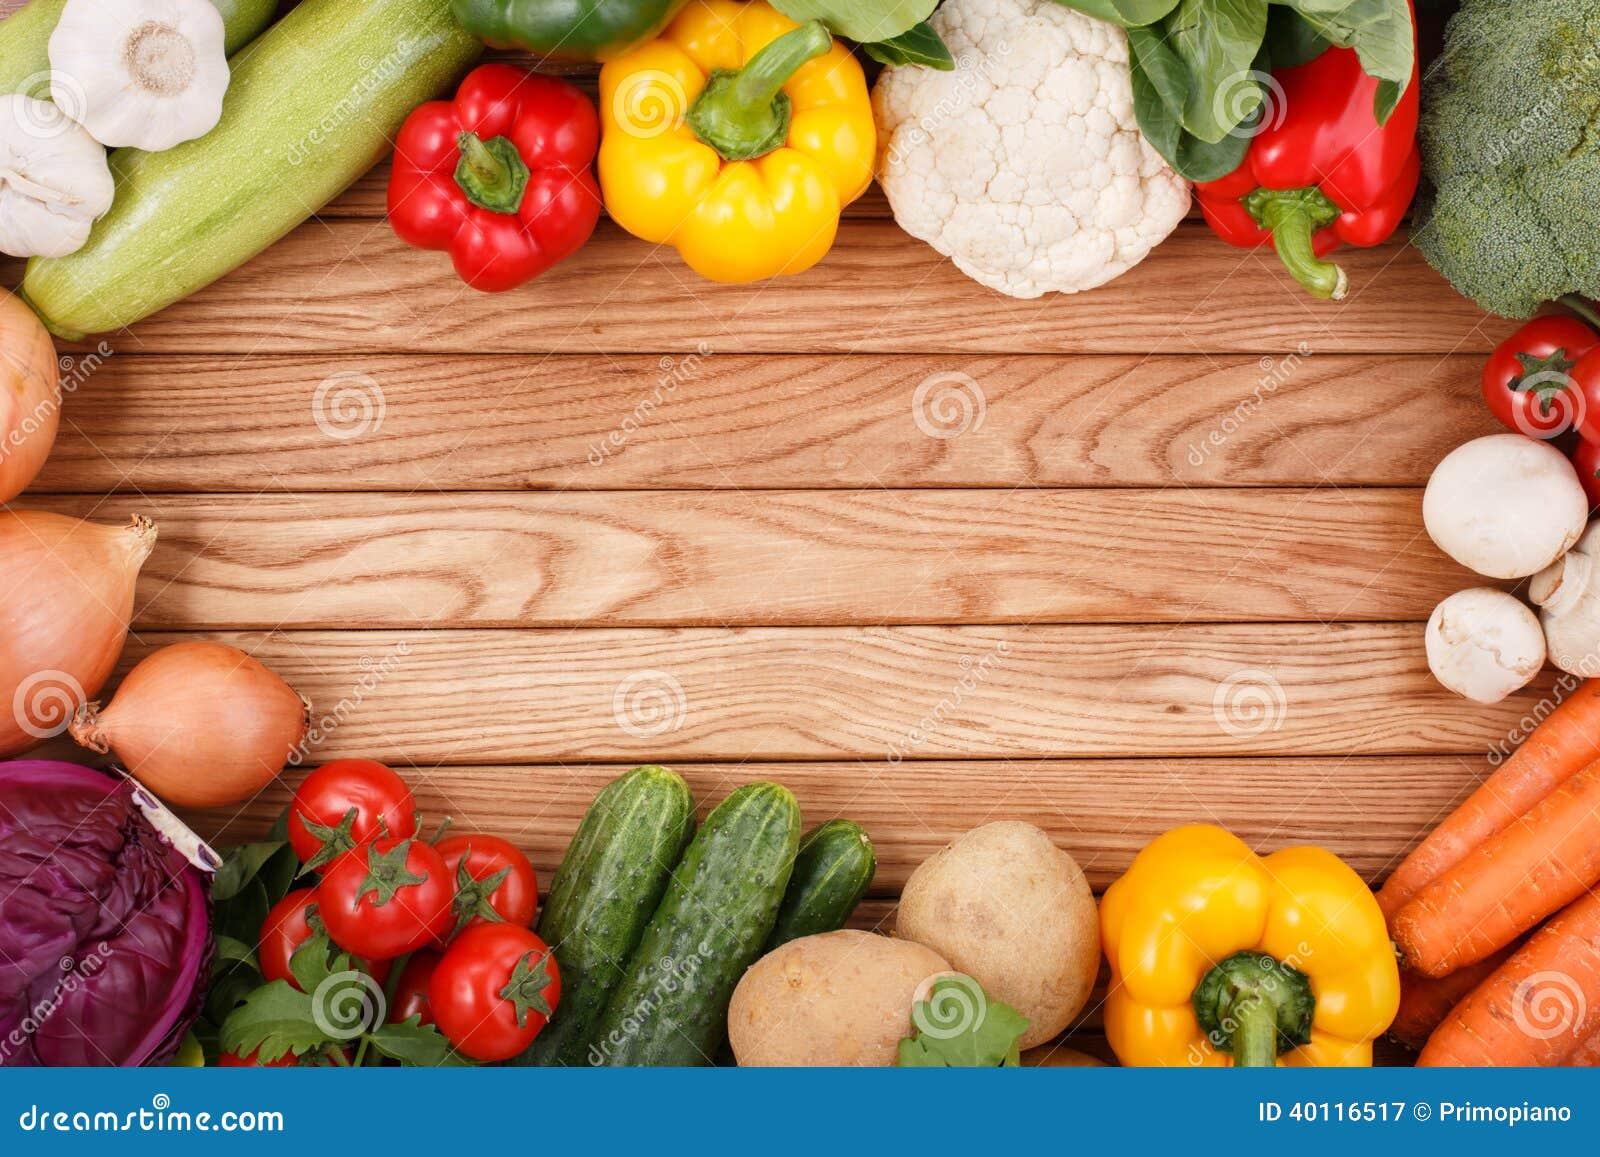 Farmers Kitchen Food Menu